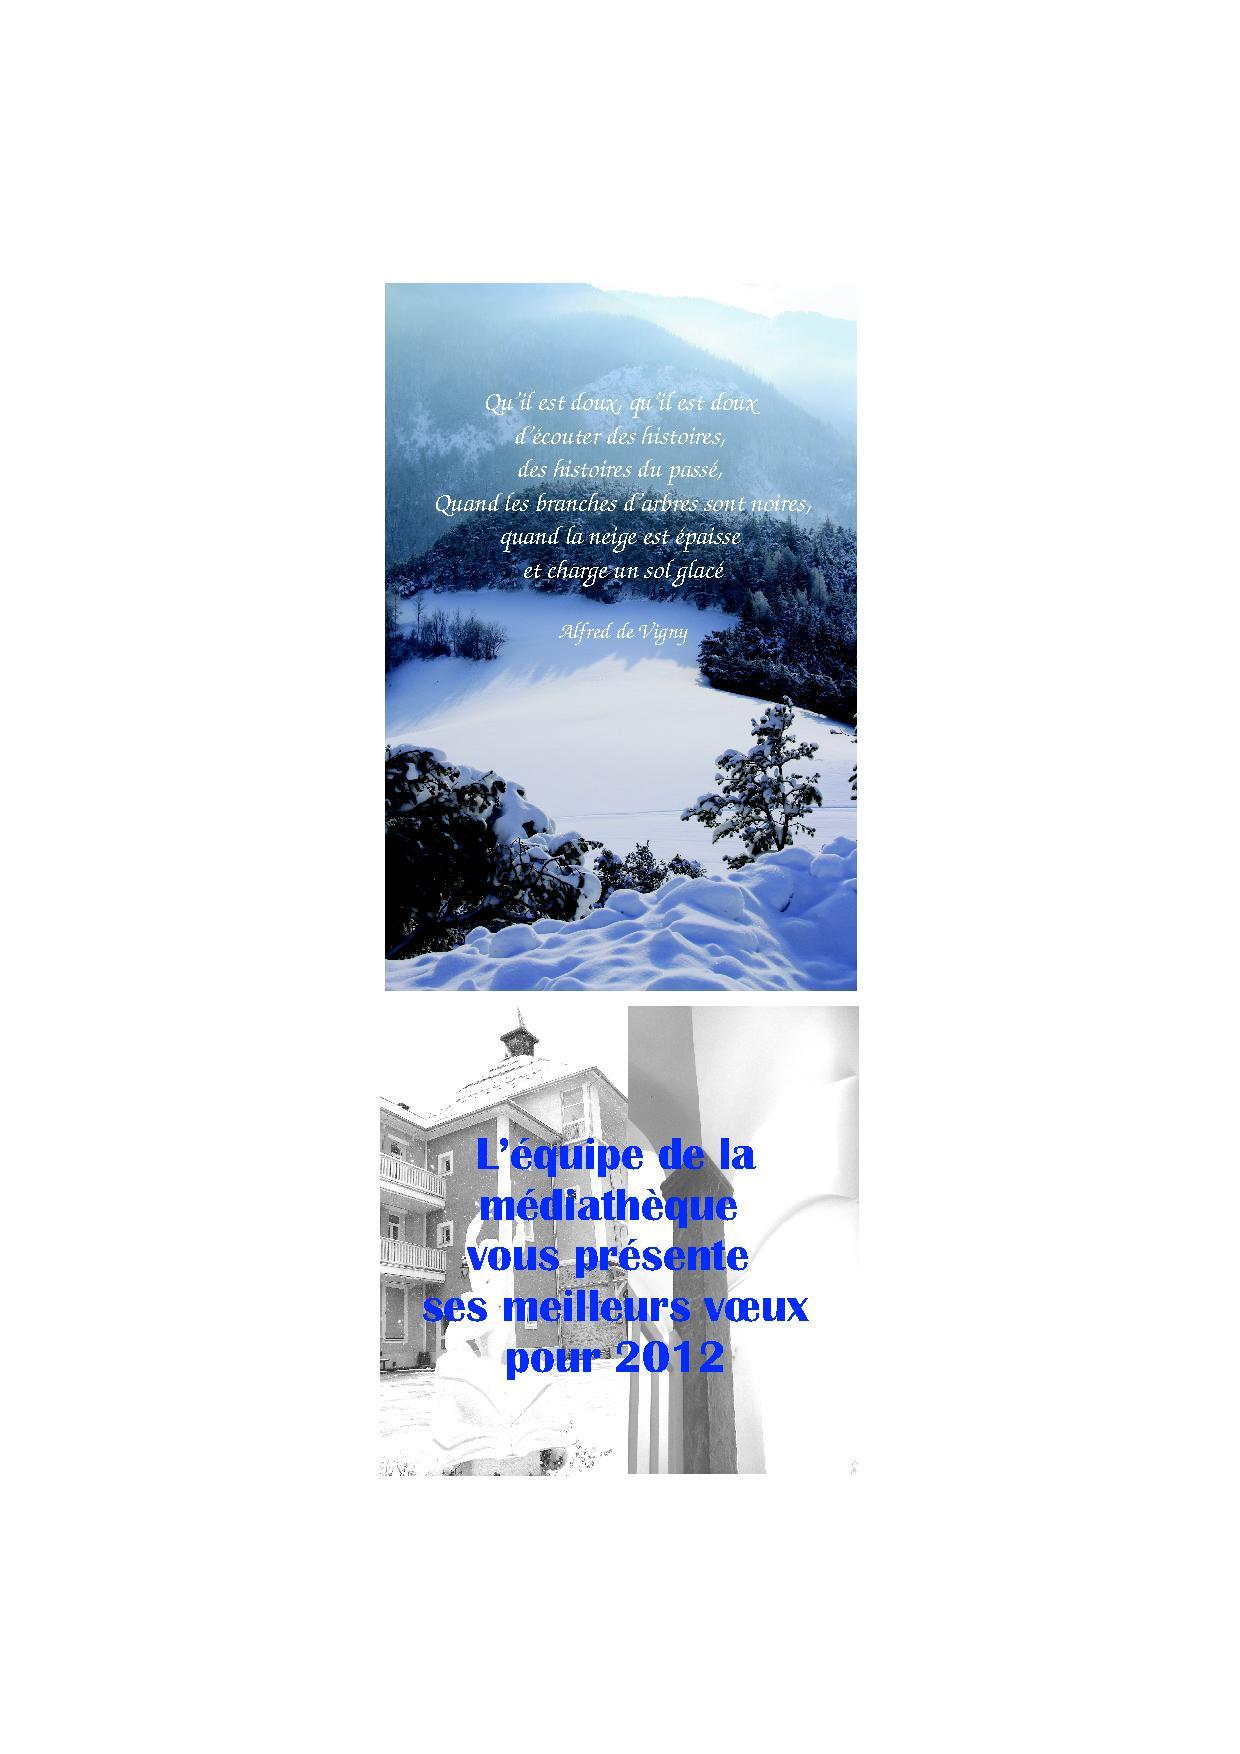 BIENVENUE en 2012! dans Archives Meilleurs-Voeux